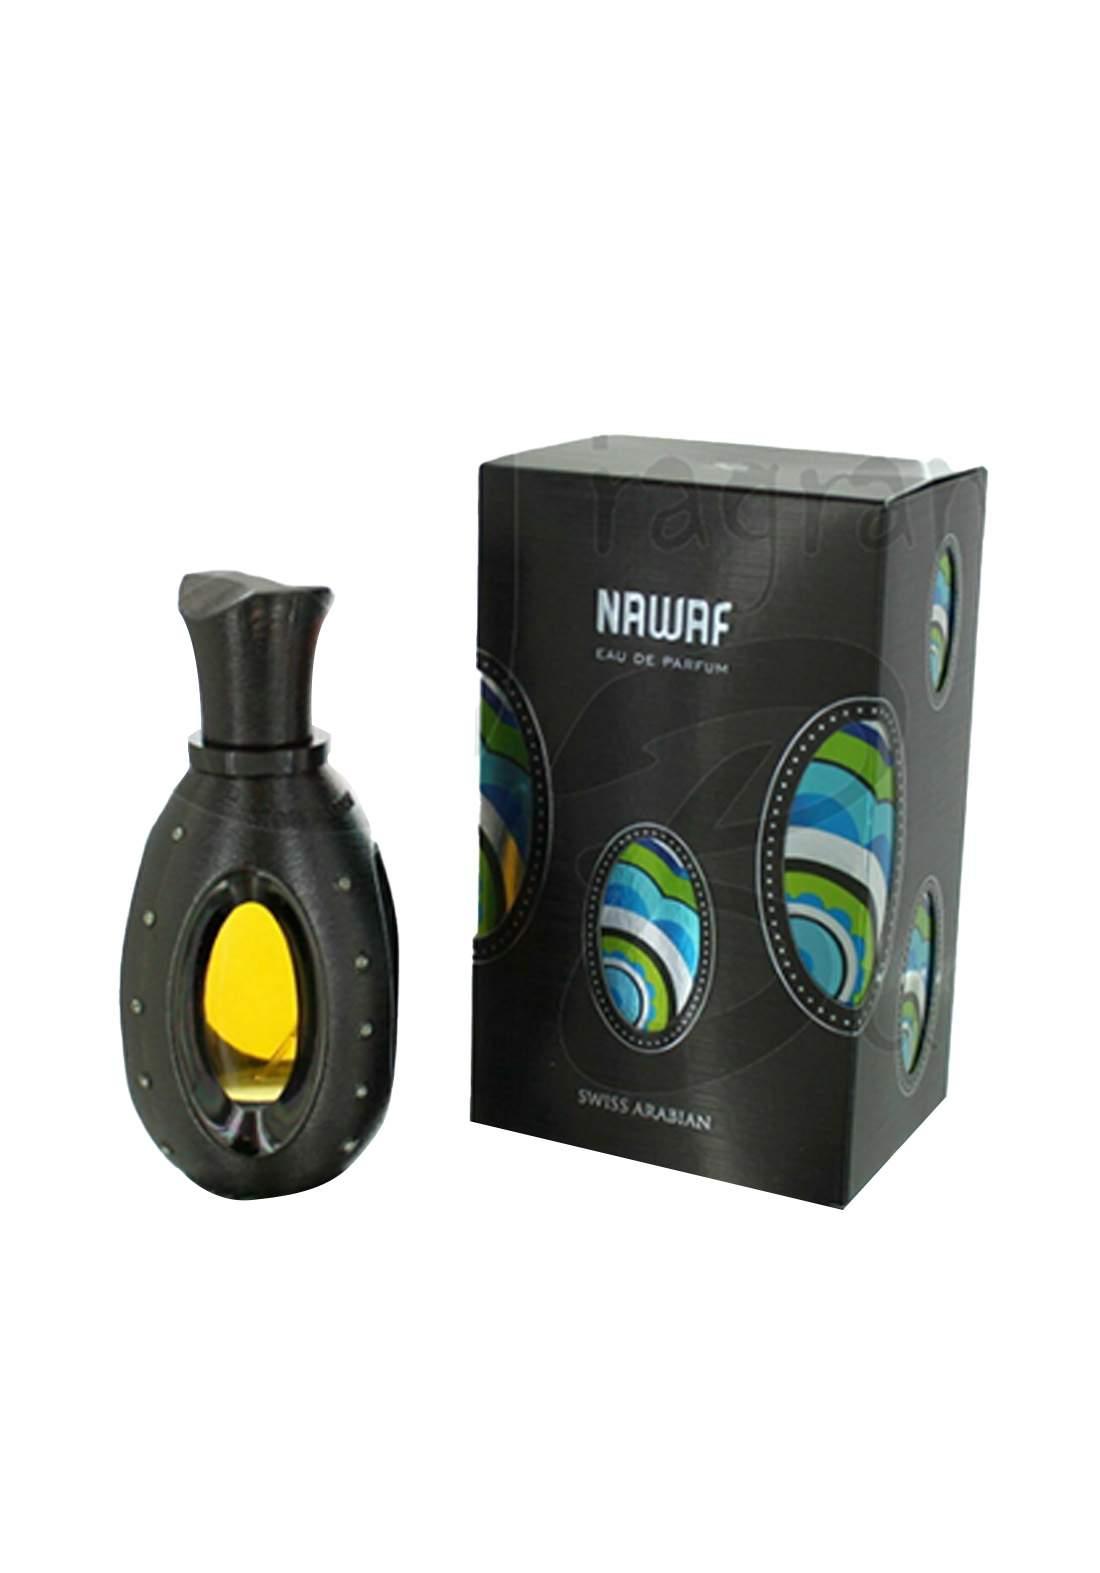 Swiss Arabian 919 Nawaf EDP for Men 50ml عطر رجالي